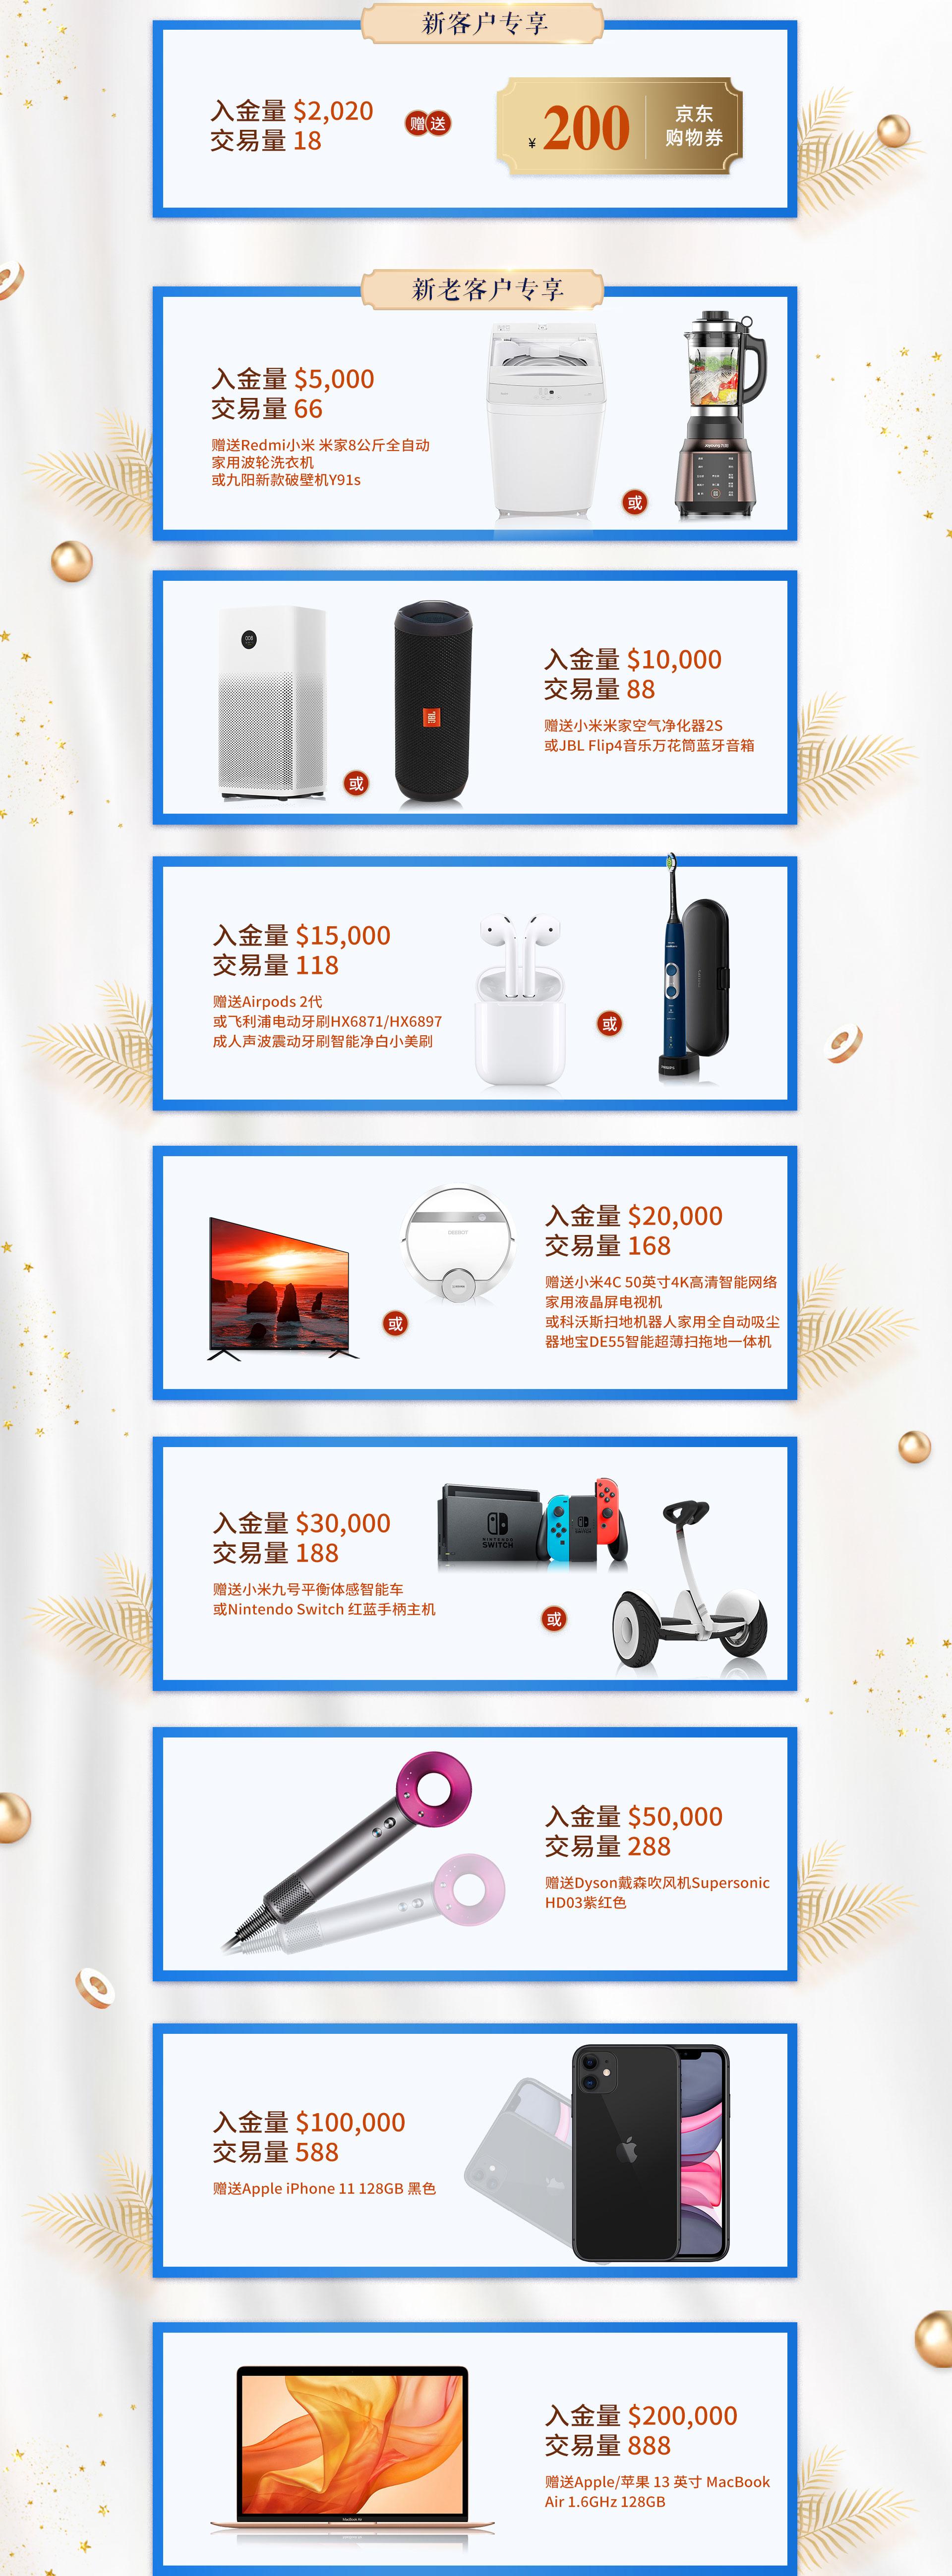 新年活动banner7.jpg